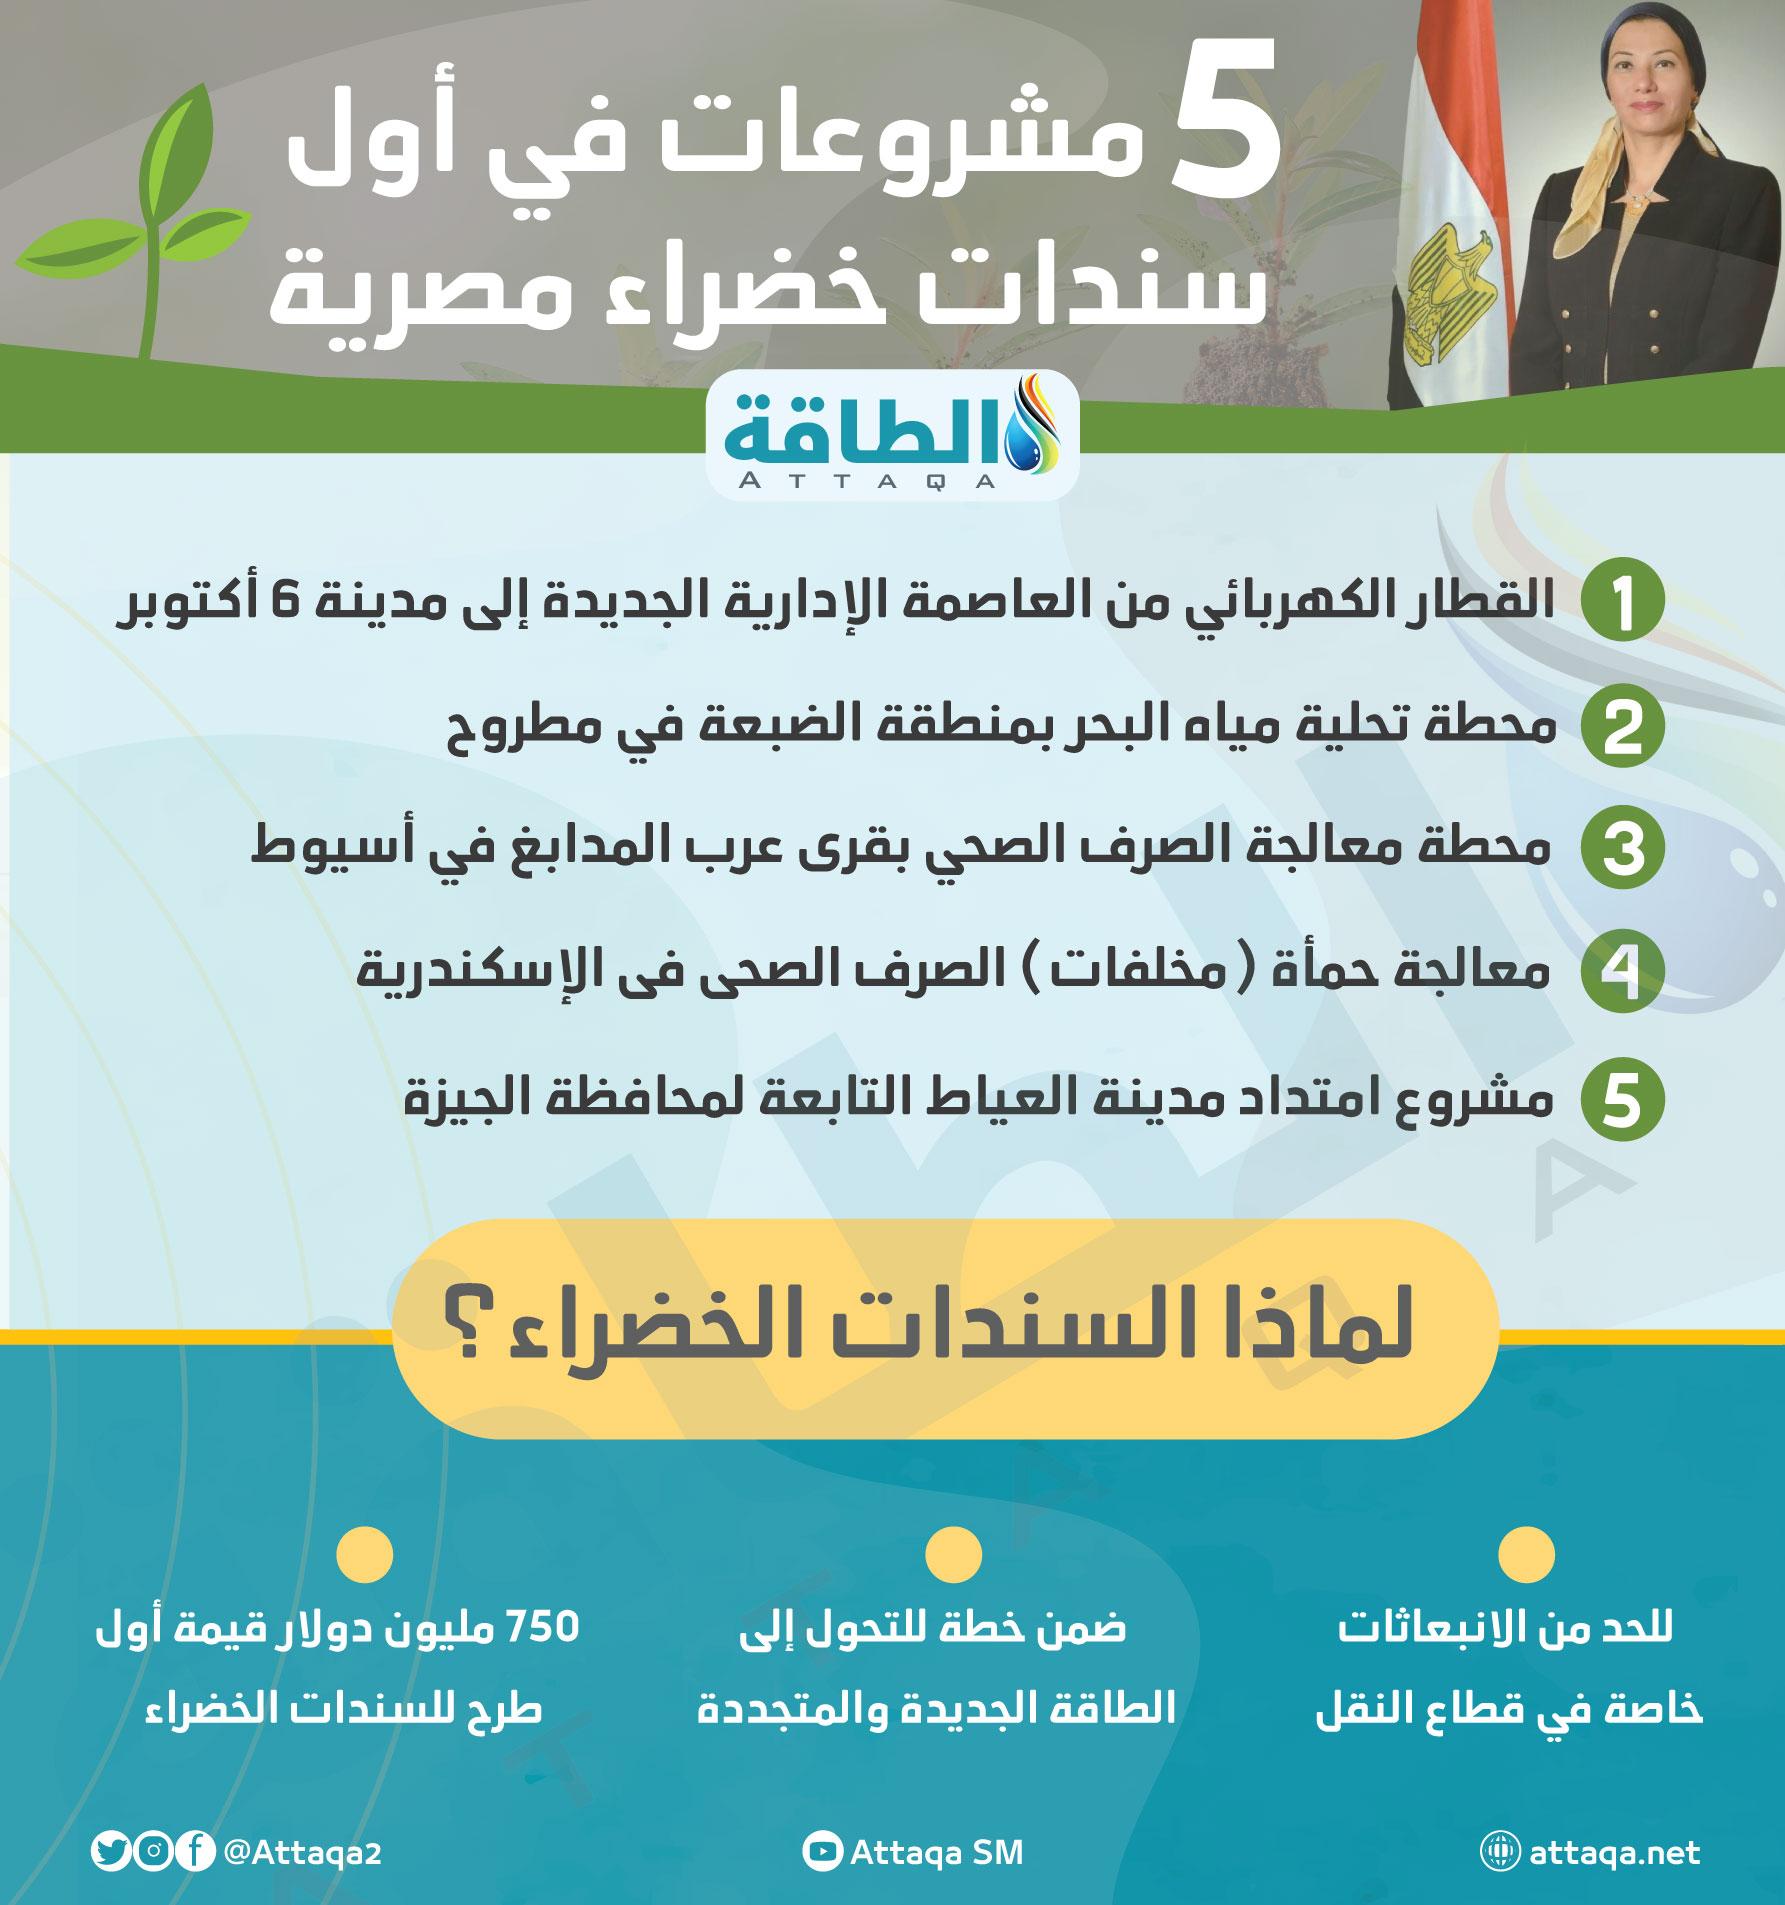 سندات خضراء مصرية - المدن الخضراء